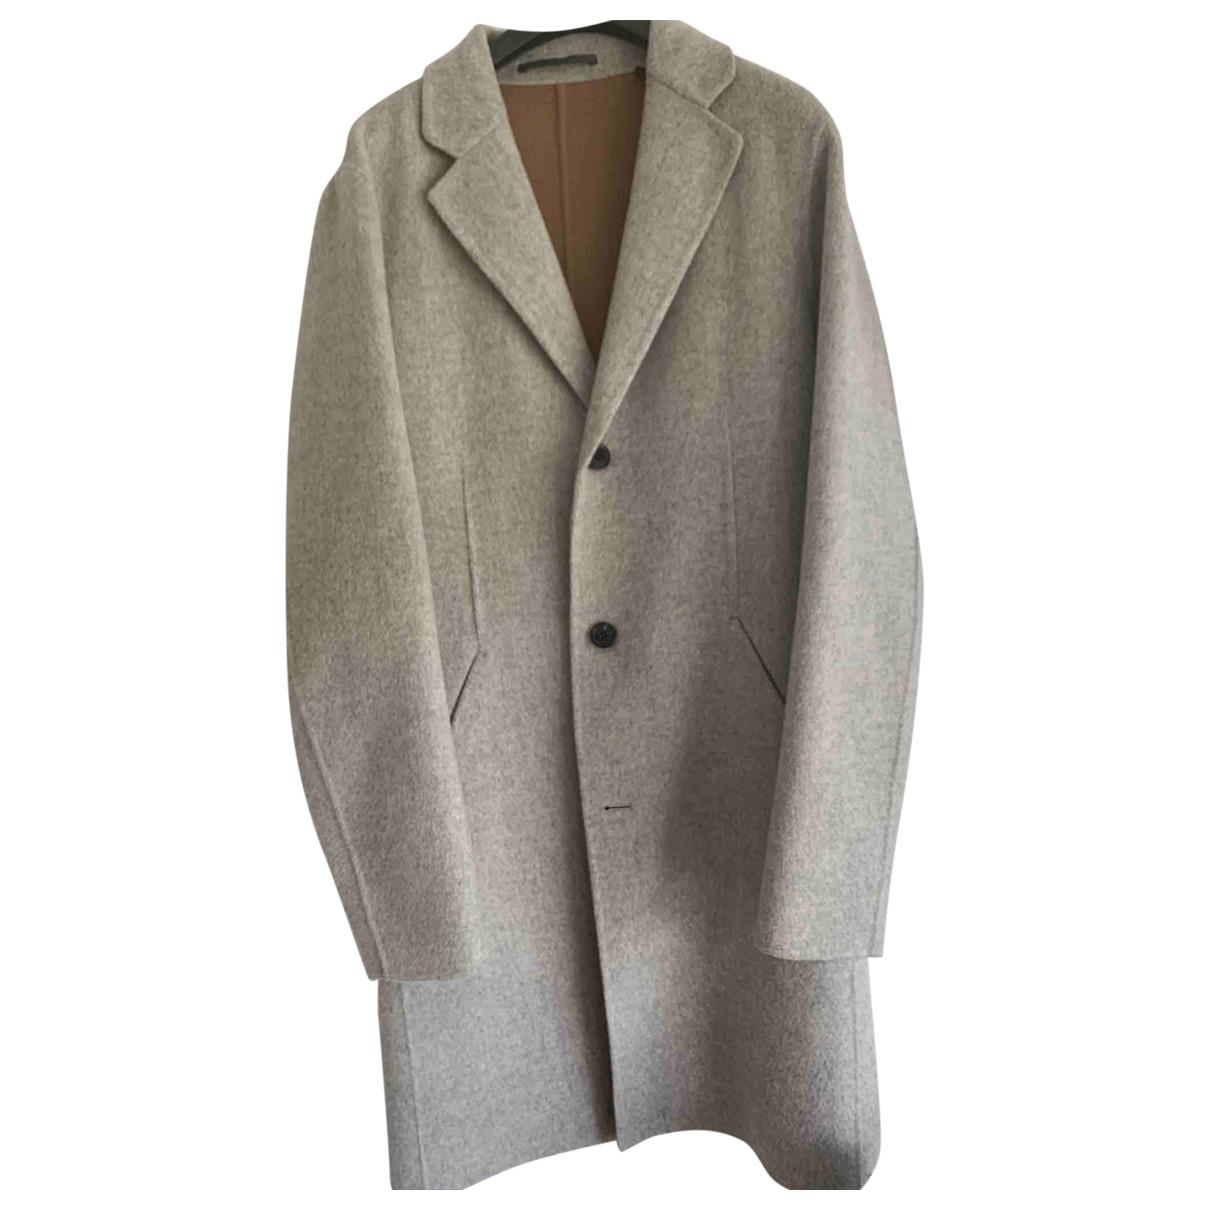 Theory - Manteau   pour homme en laine - gris